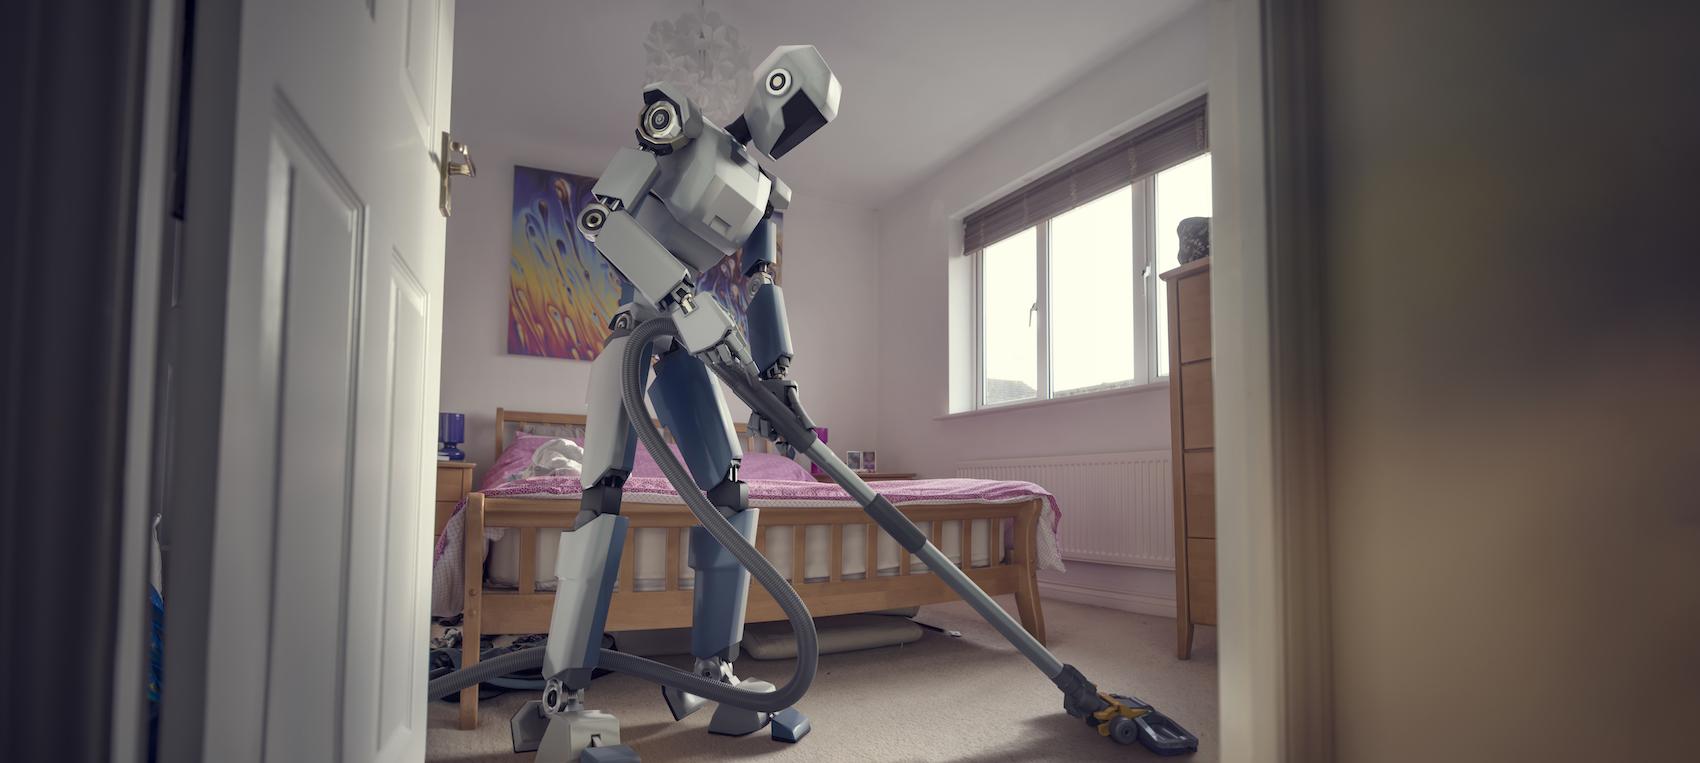 The State of Robotics in 2018 TechNative